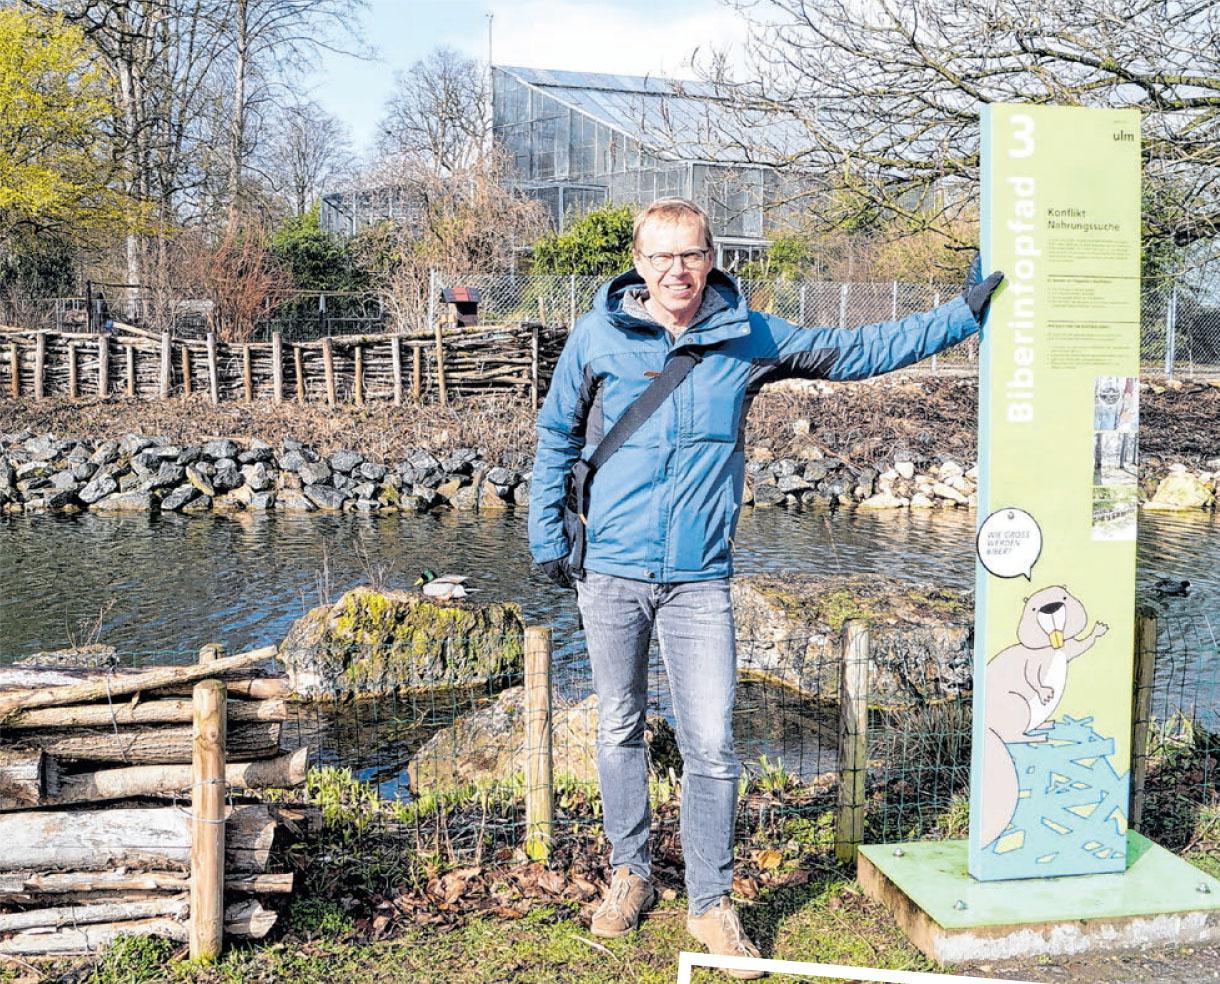 Christian Giers am Wasserkanal in der Friedrichsau. Der Biber ist omipräsent. Neben Infostelen und Statuen weisen auch die Schutzzäune auf den Nager hin.